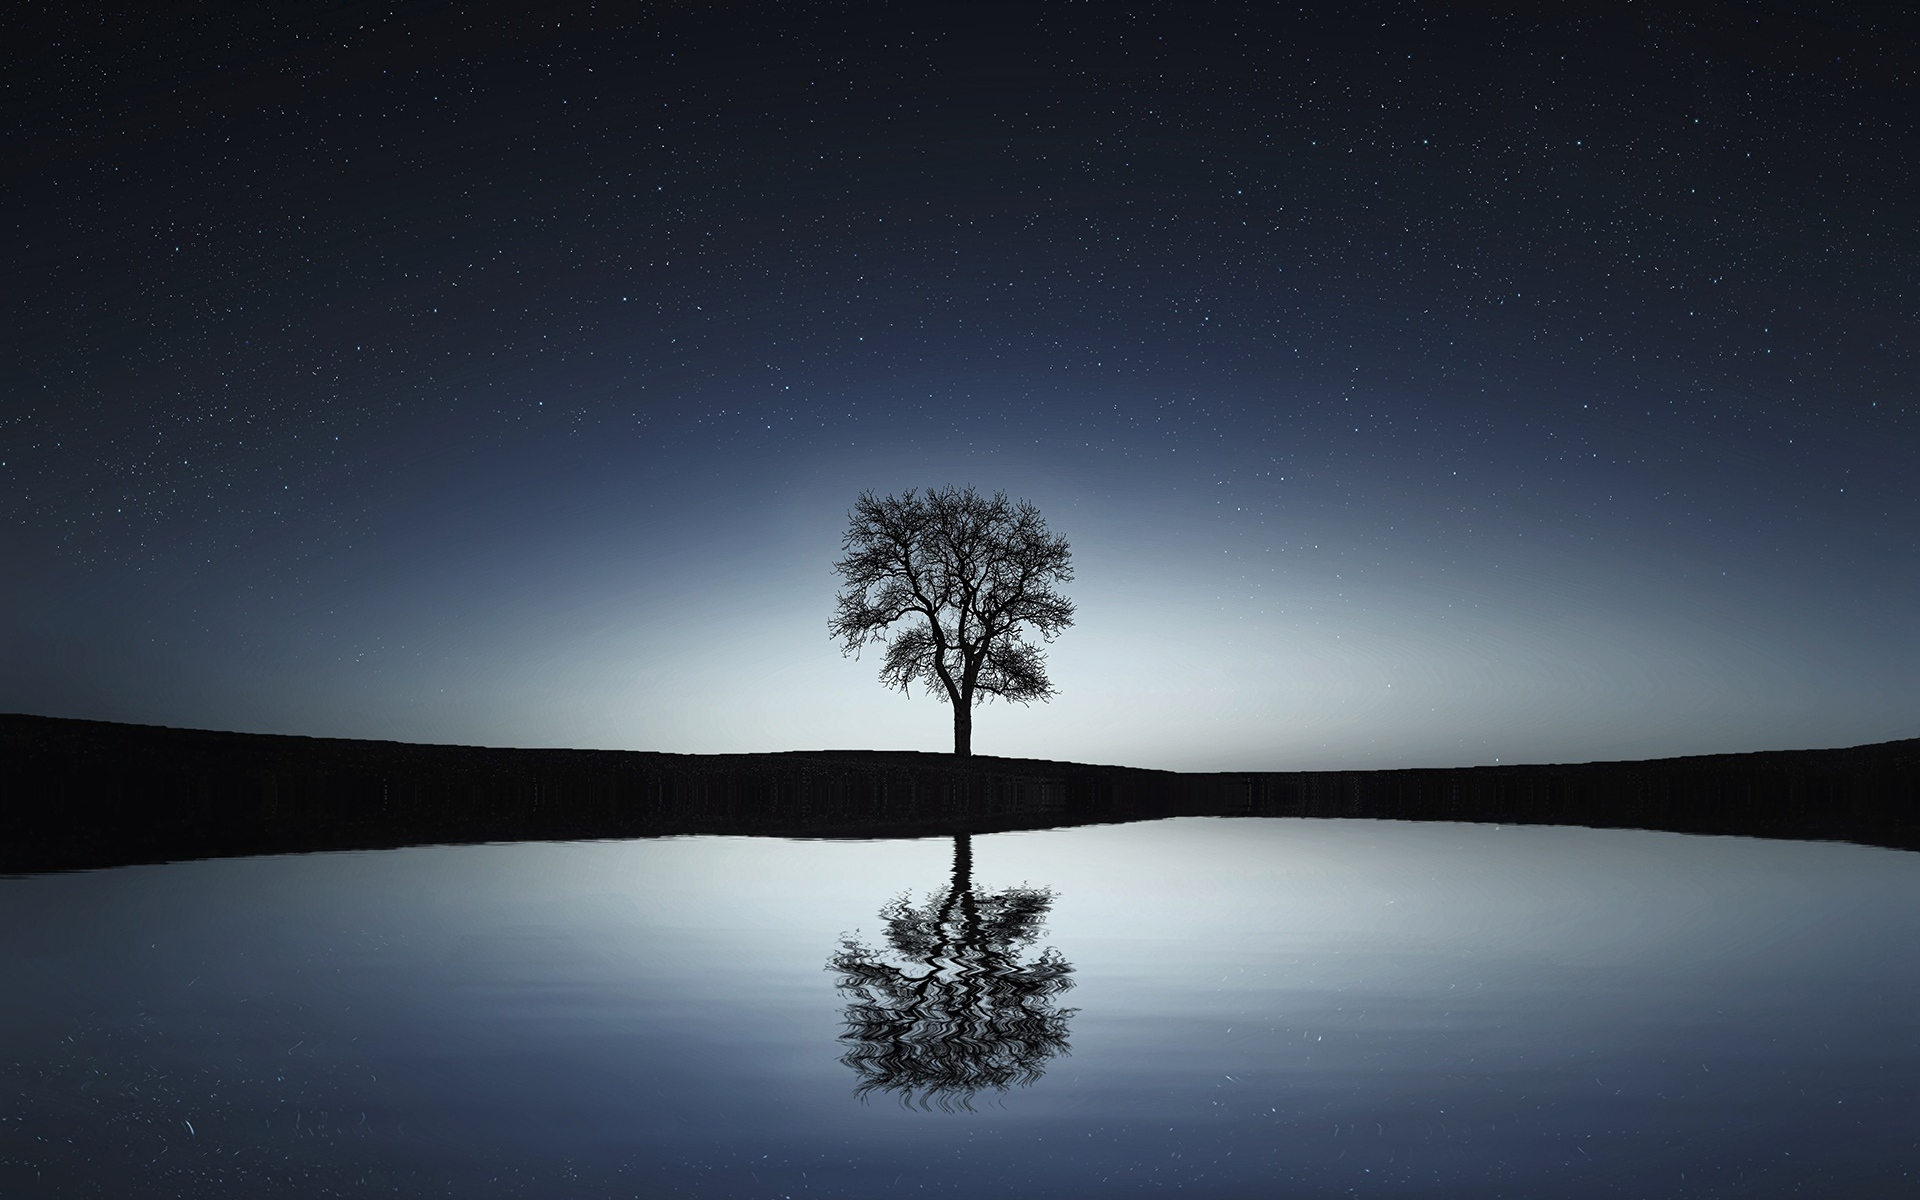 Картинки Дерево, отражение, вода, ночь фото и обои на рабочий стол